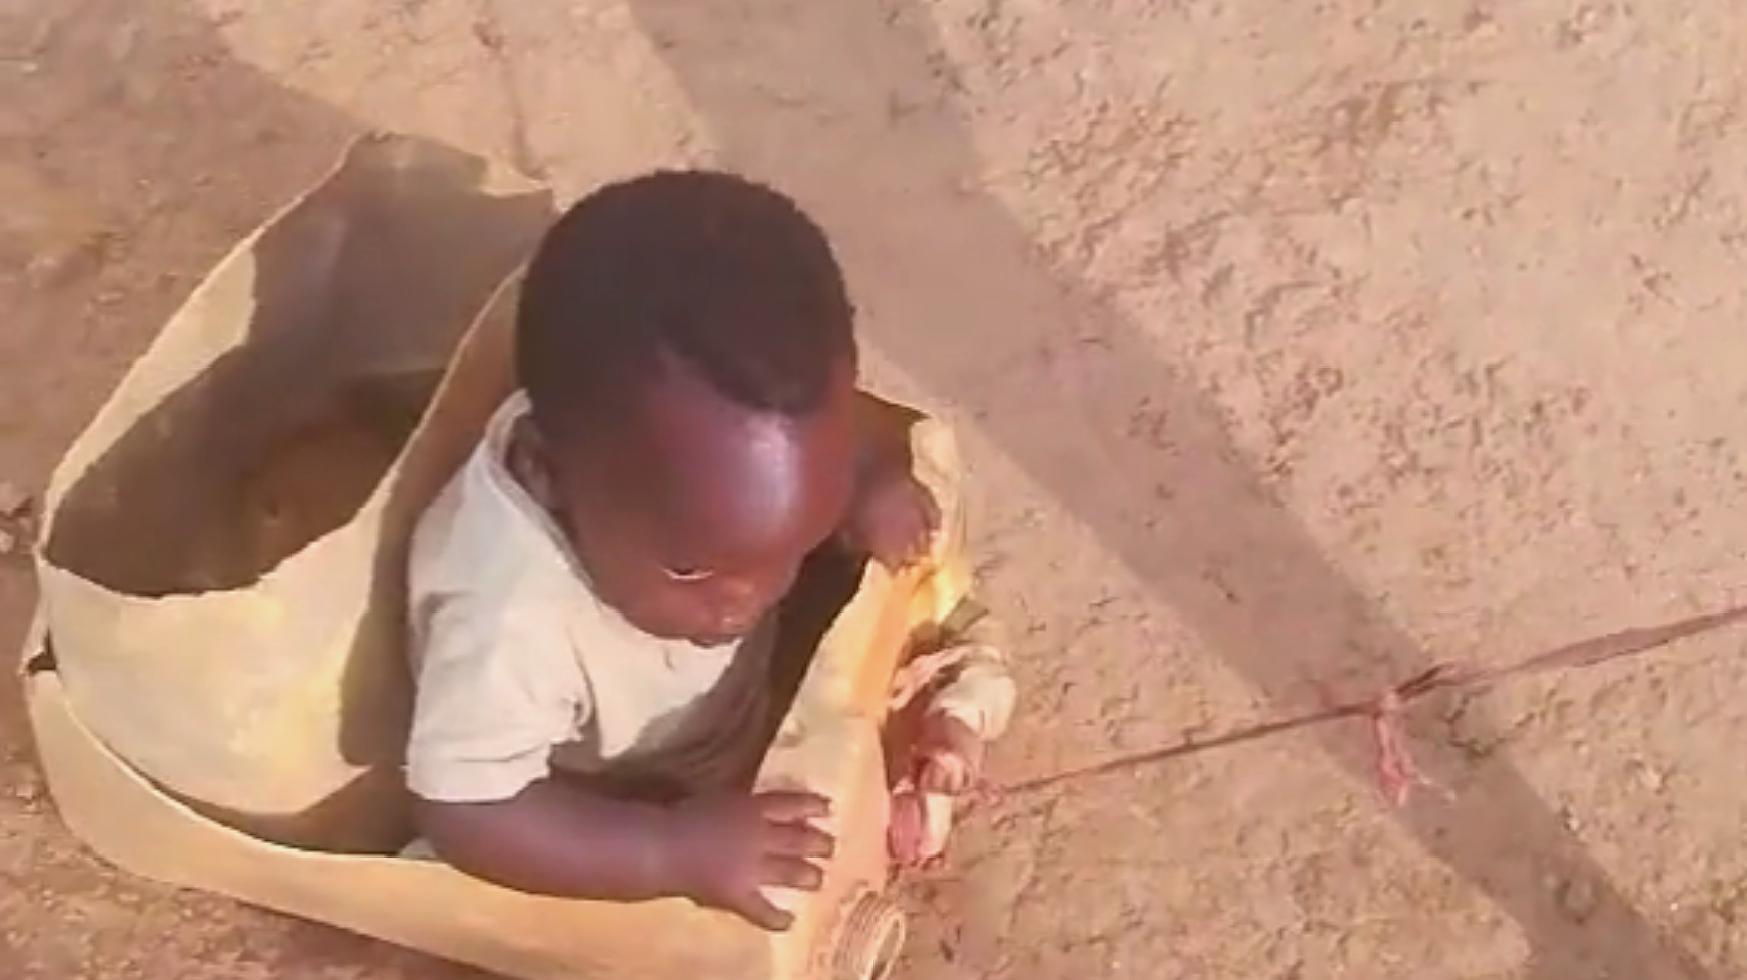 这位非洲小哥哥真会哄弟弟开心,就这样拉着弟弟玩